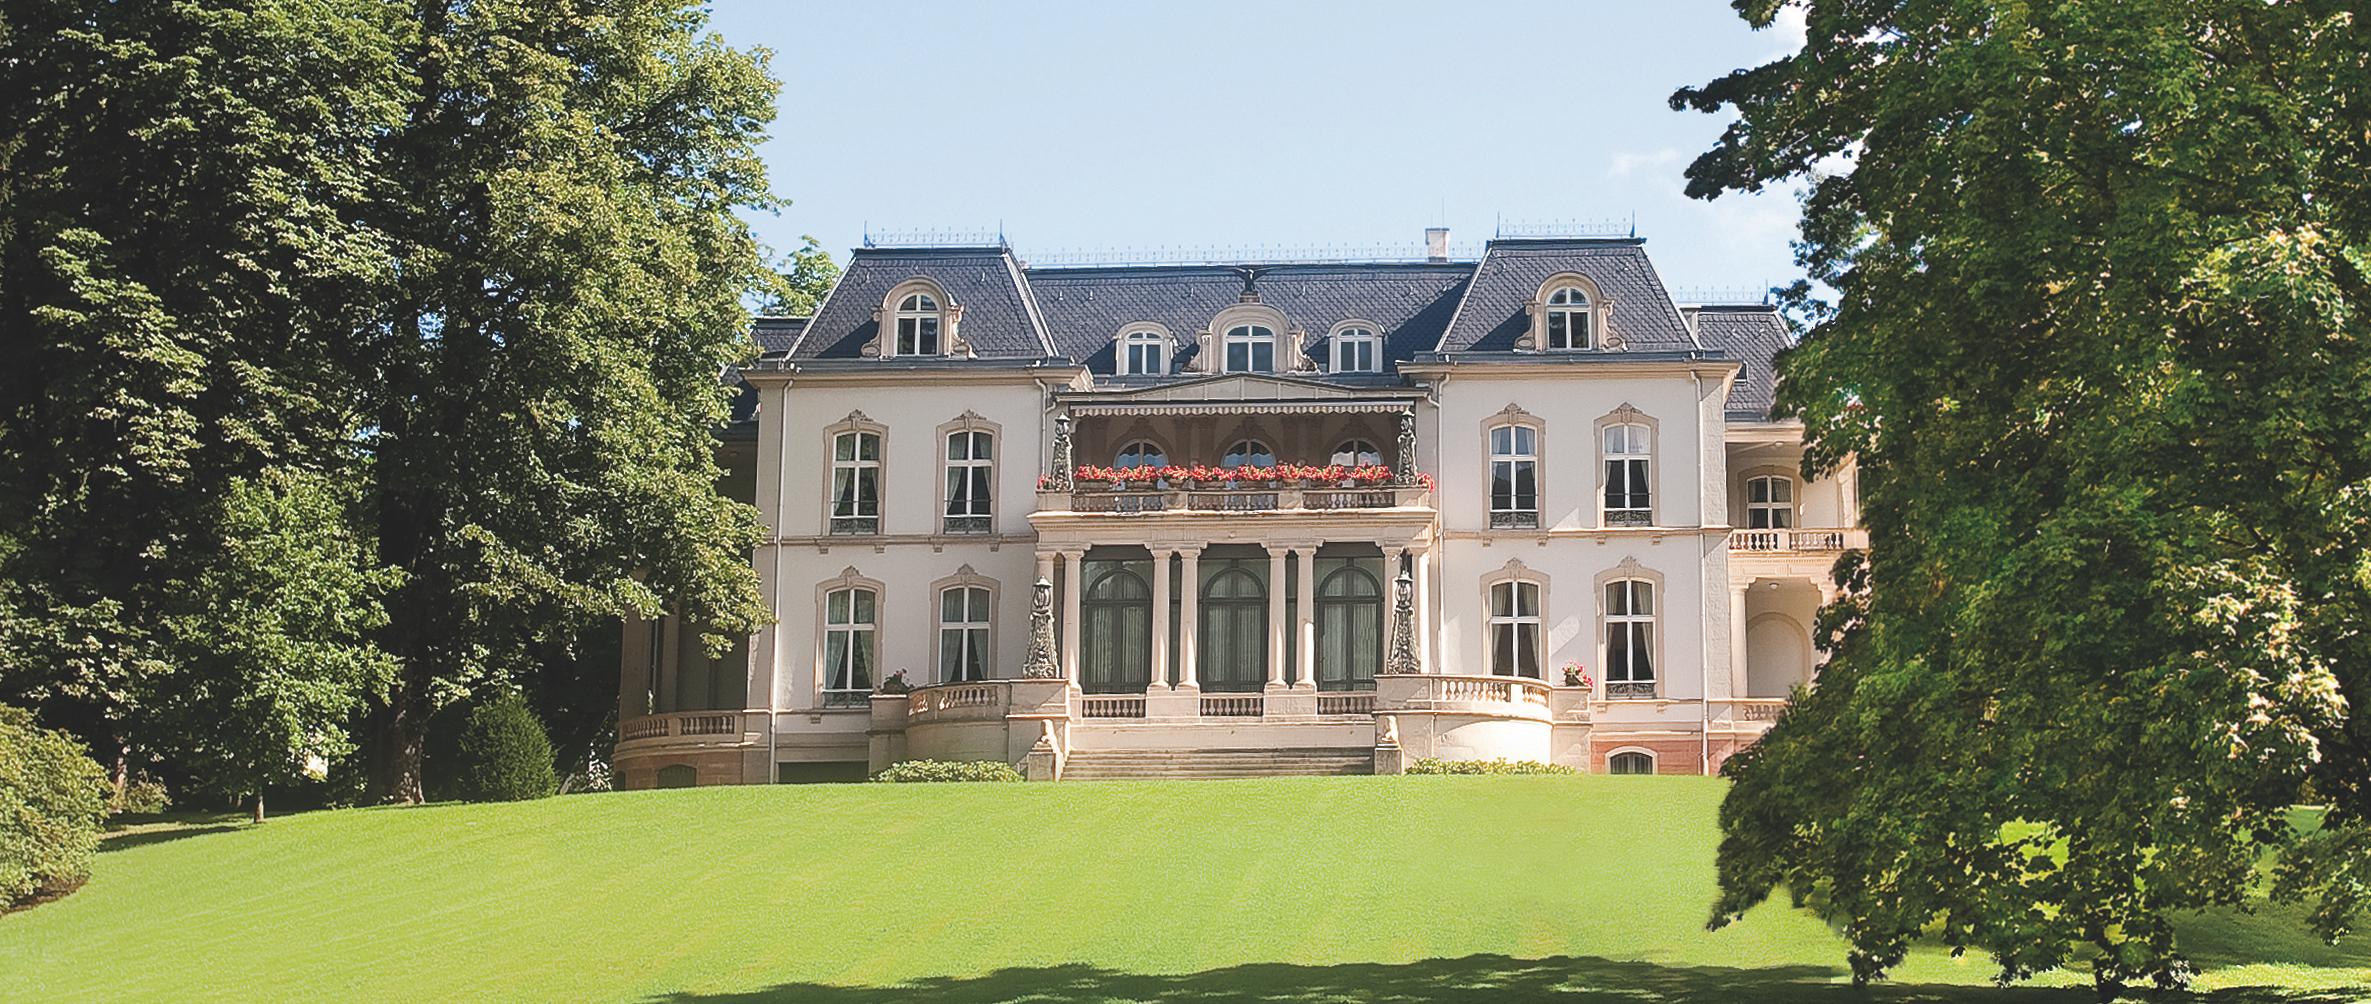 Palais Biron